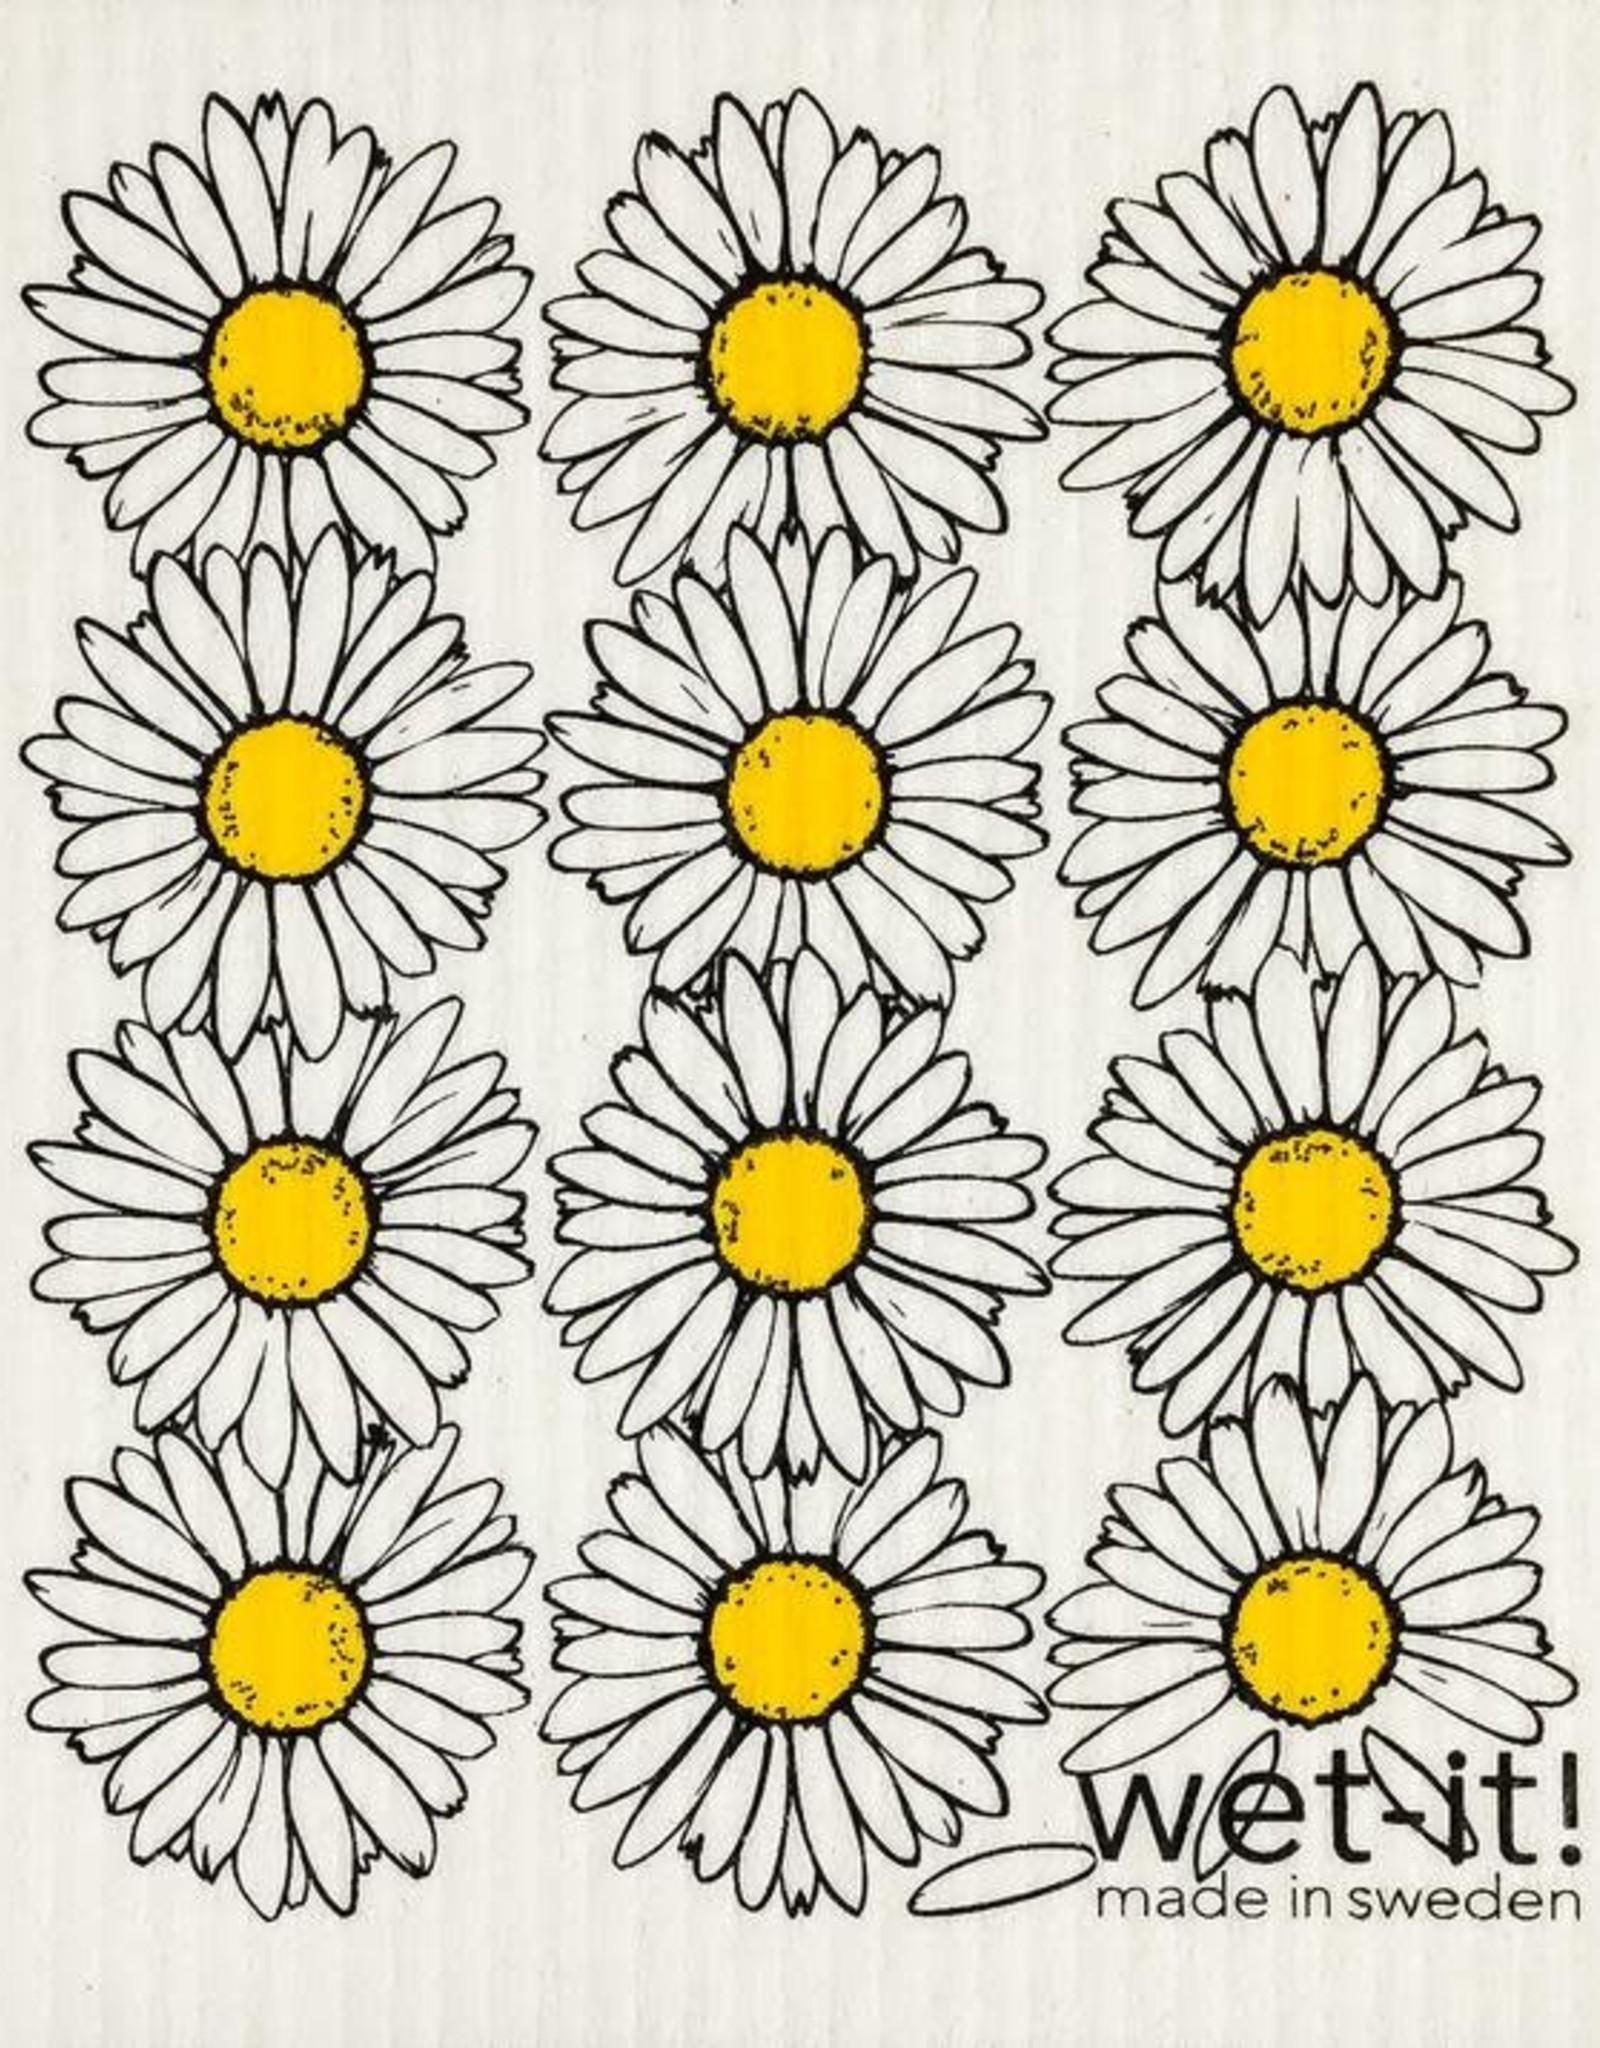 - Daisy Wet-it Cloth